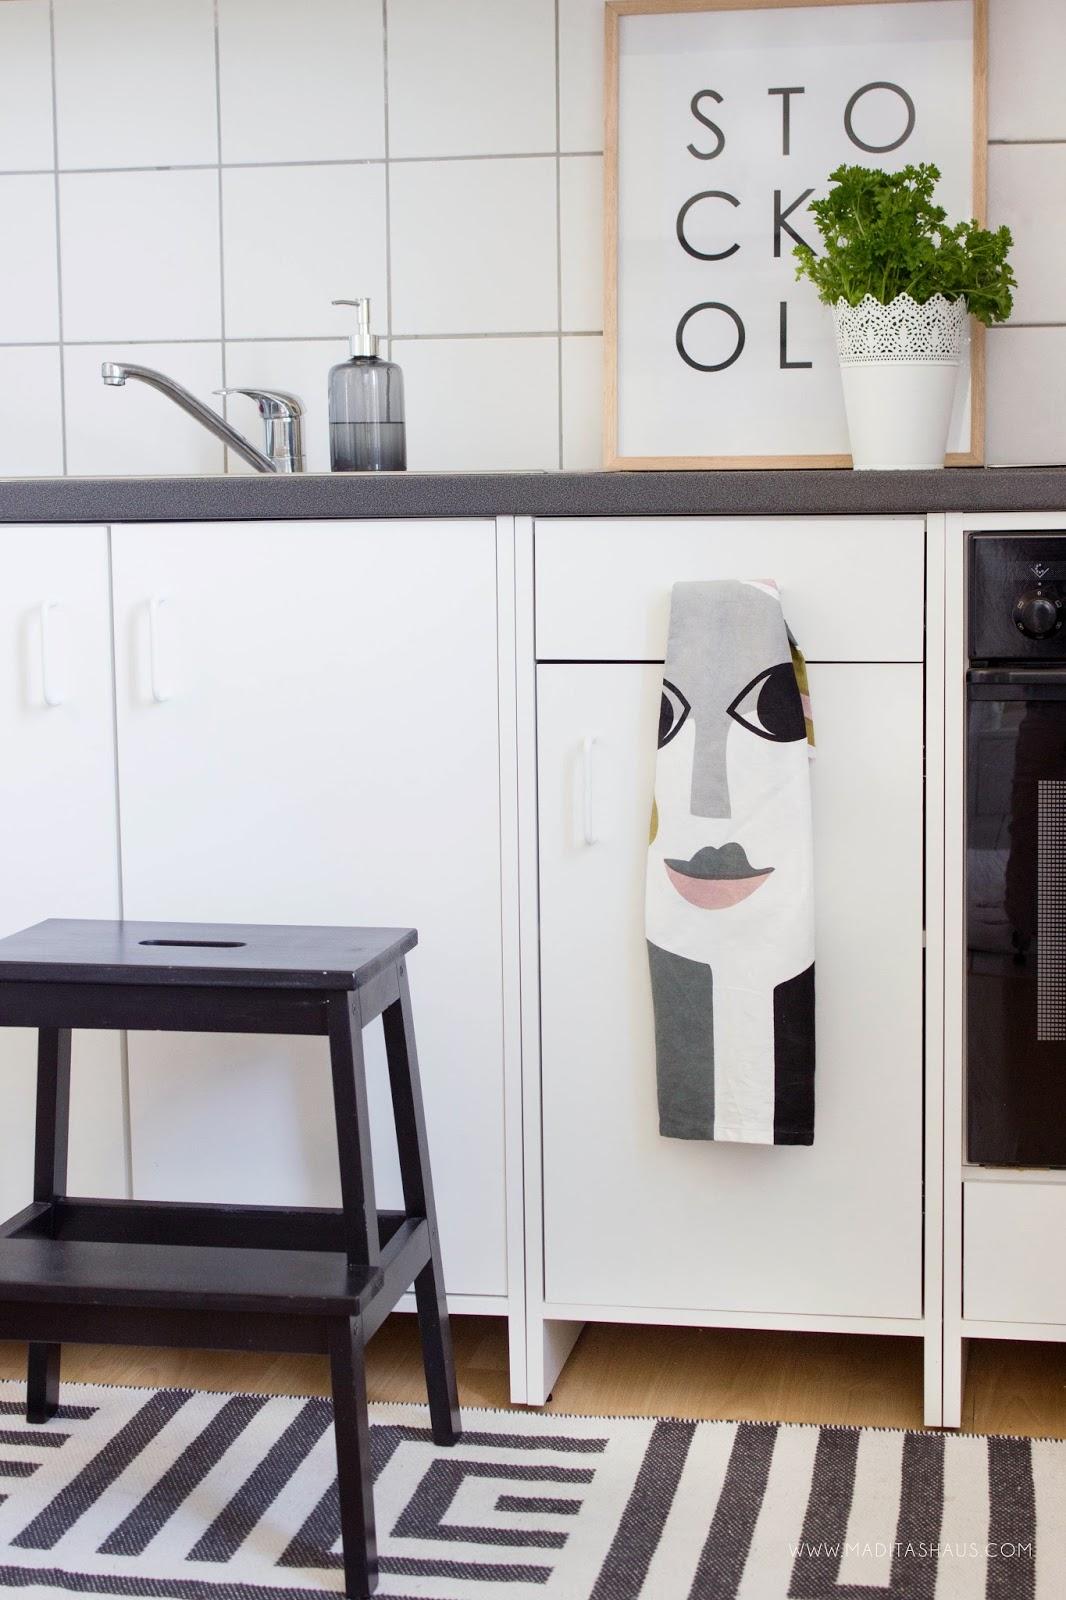 Full Size of Kleines Wohnzimmer Mit Küche Einrichten Küche Einrichten Spiele Minecraft Küche Einrichten Küche Einrichten Wandfarbe Küche Küche Einrichten